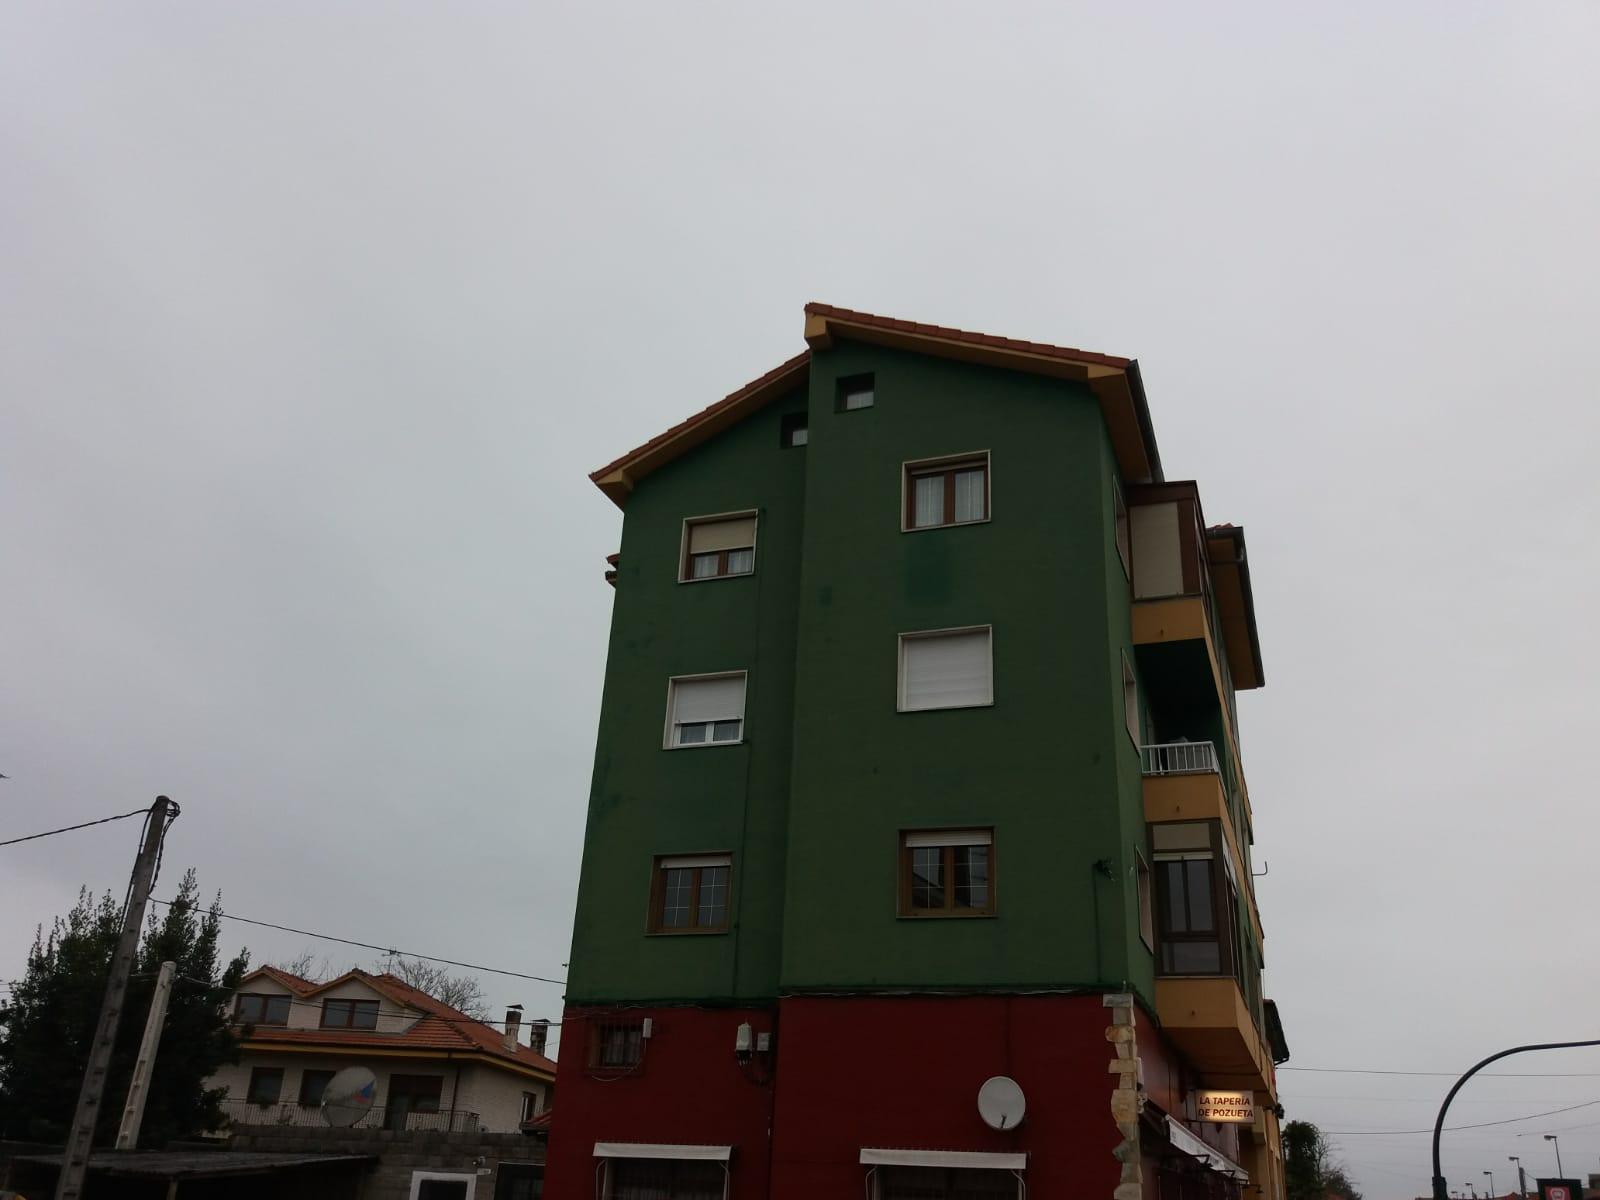 Piso en venta en Torrelavega, Cantabria, Calle , 121.000 €, 2 habitaciones, 1 baño, 93 m2